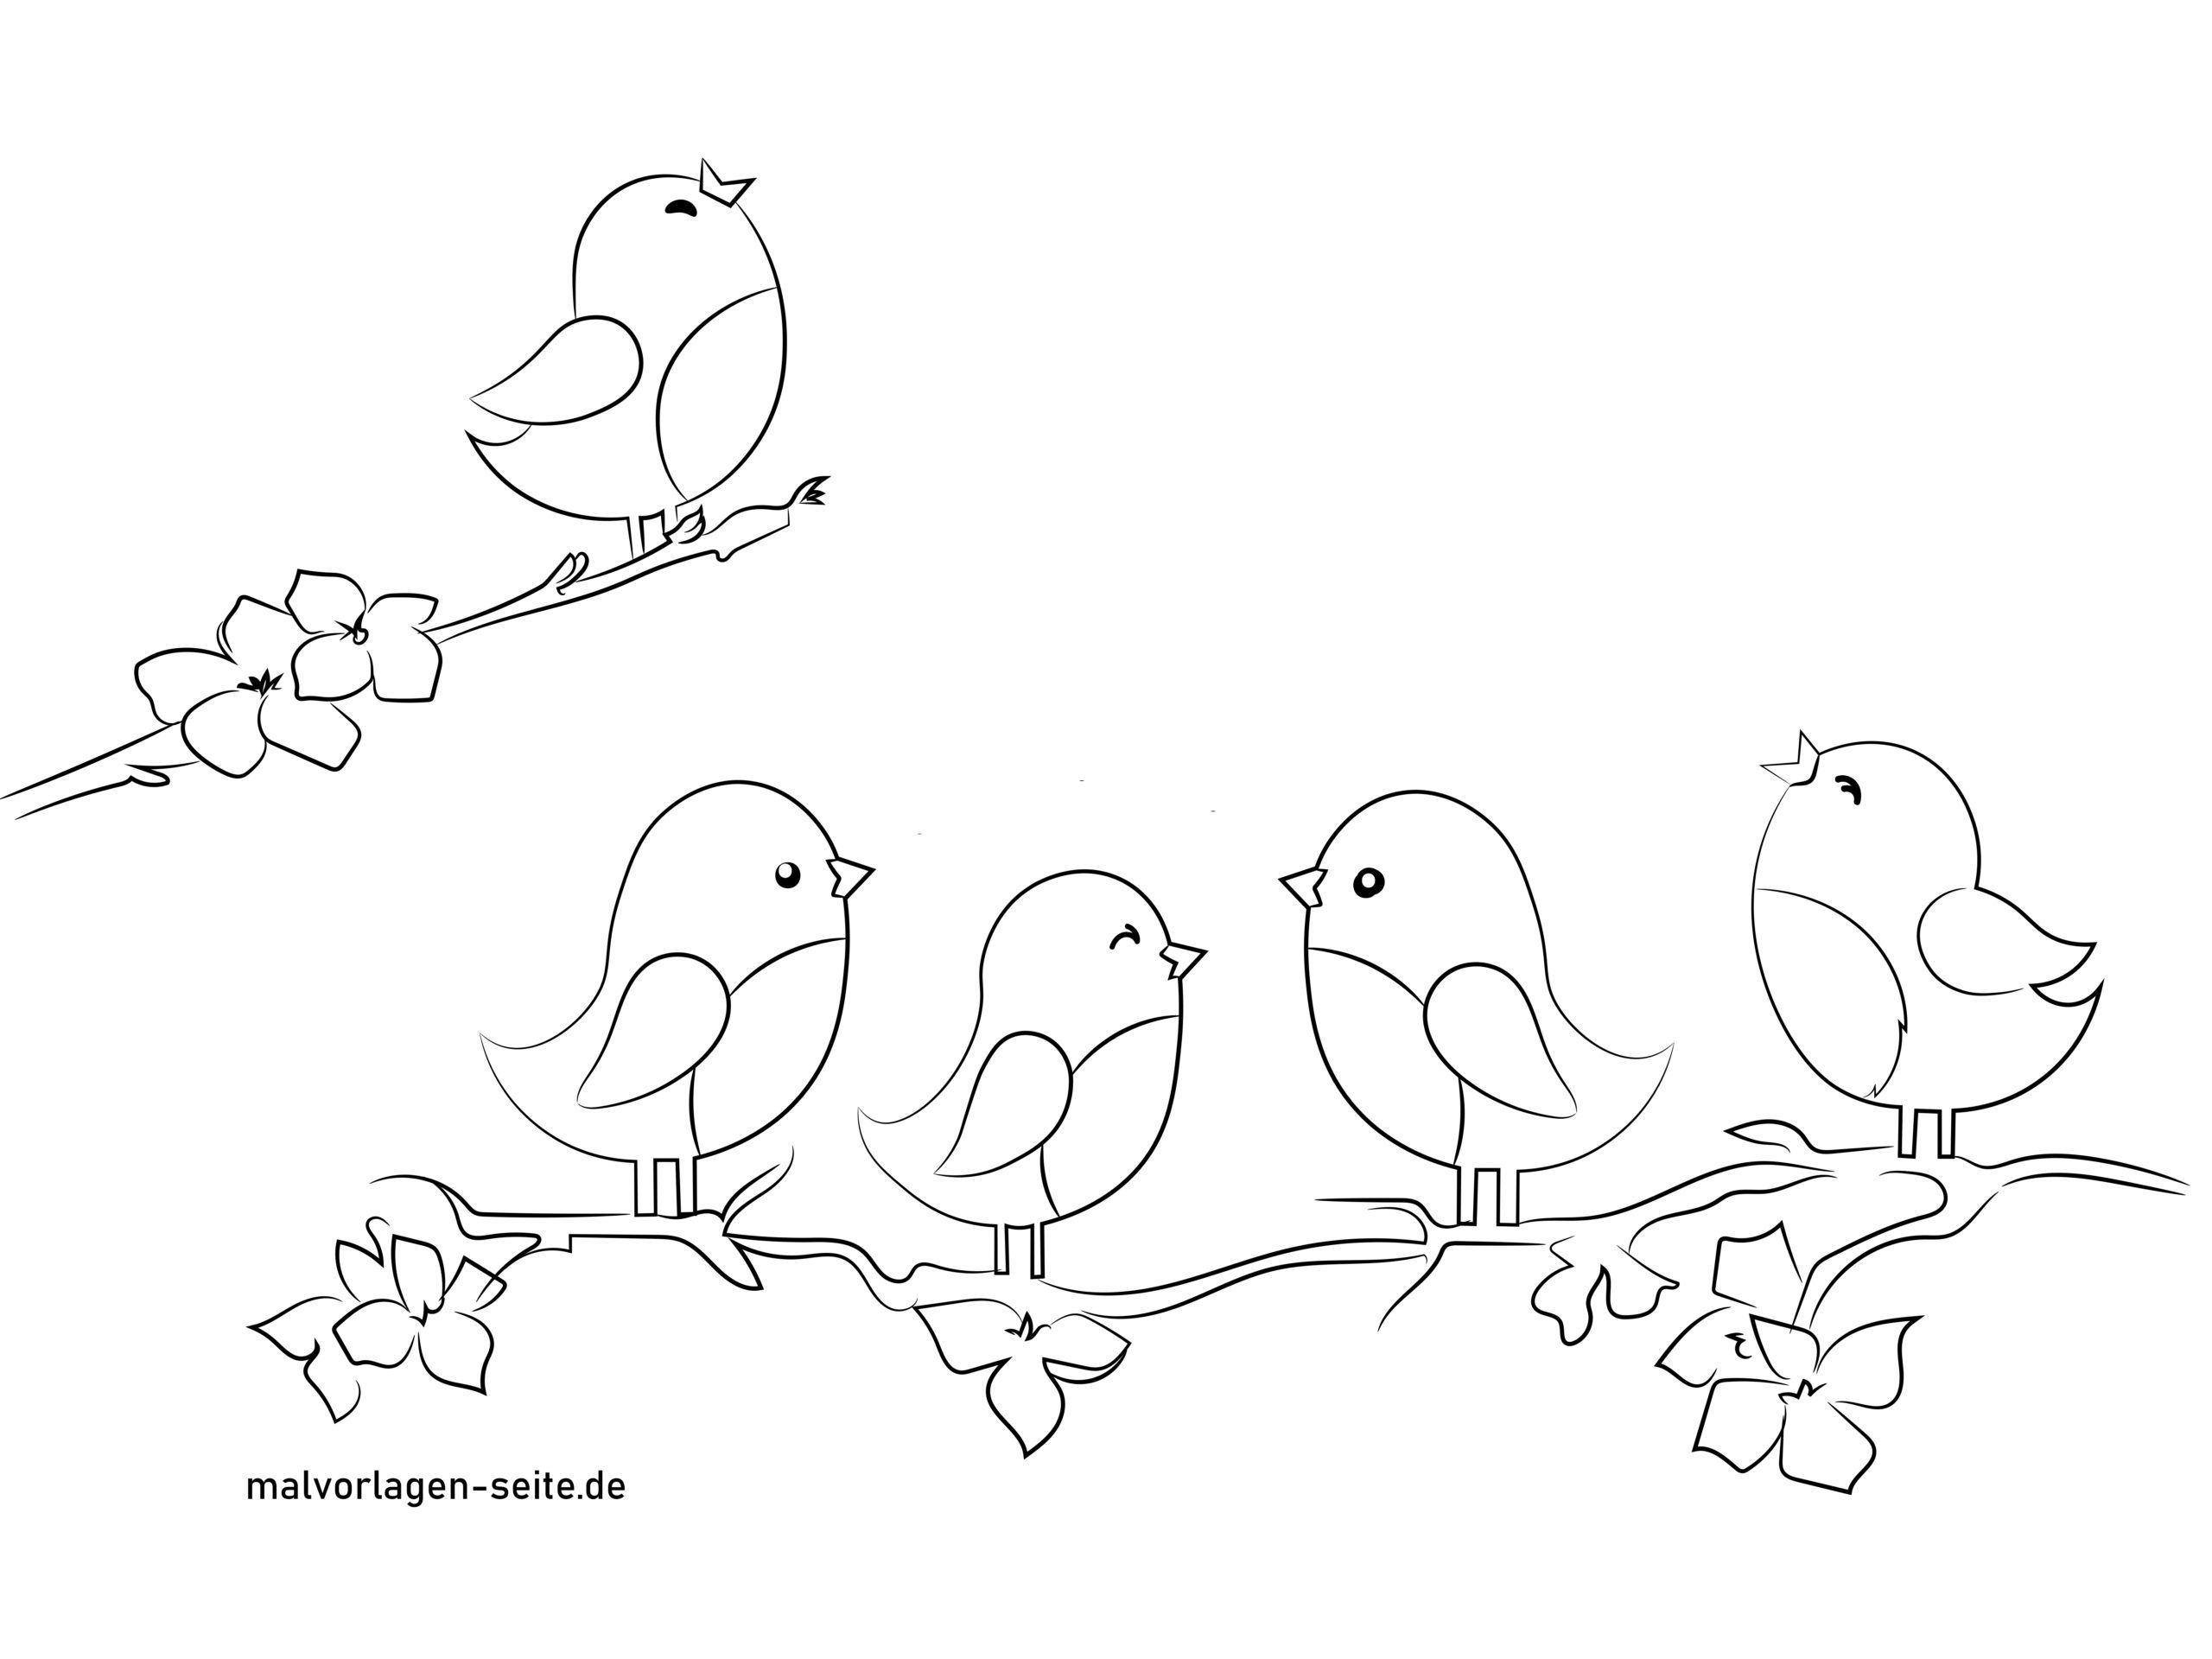 Kostenlose Fensterbild Vorlage Mit Vögeln Frühling Und Sommer bei Malvorlagen Vögel